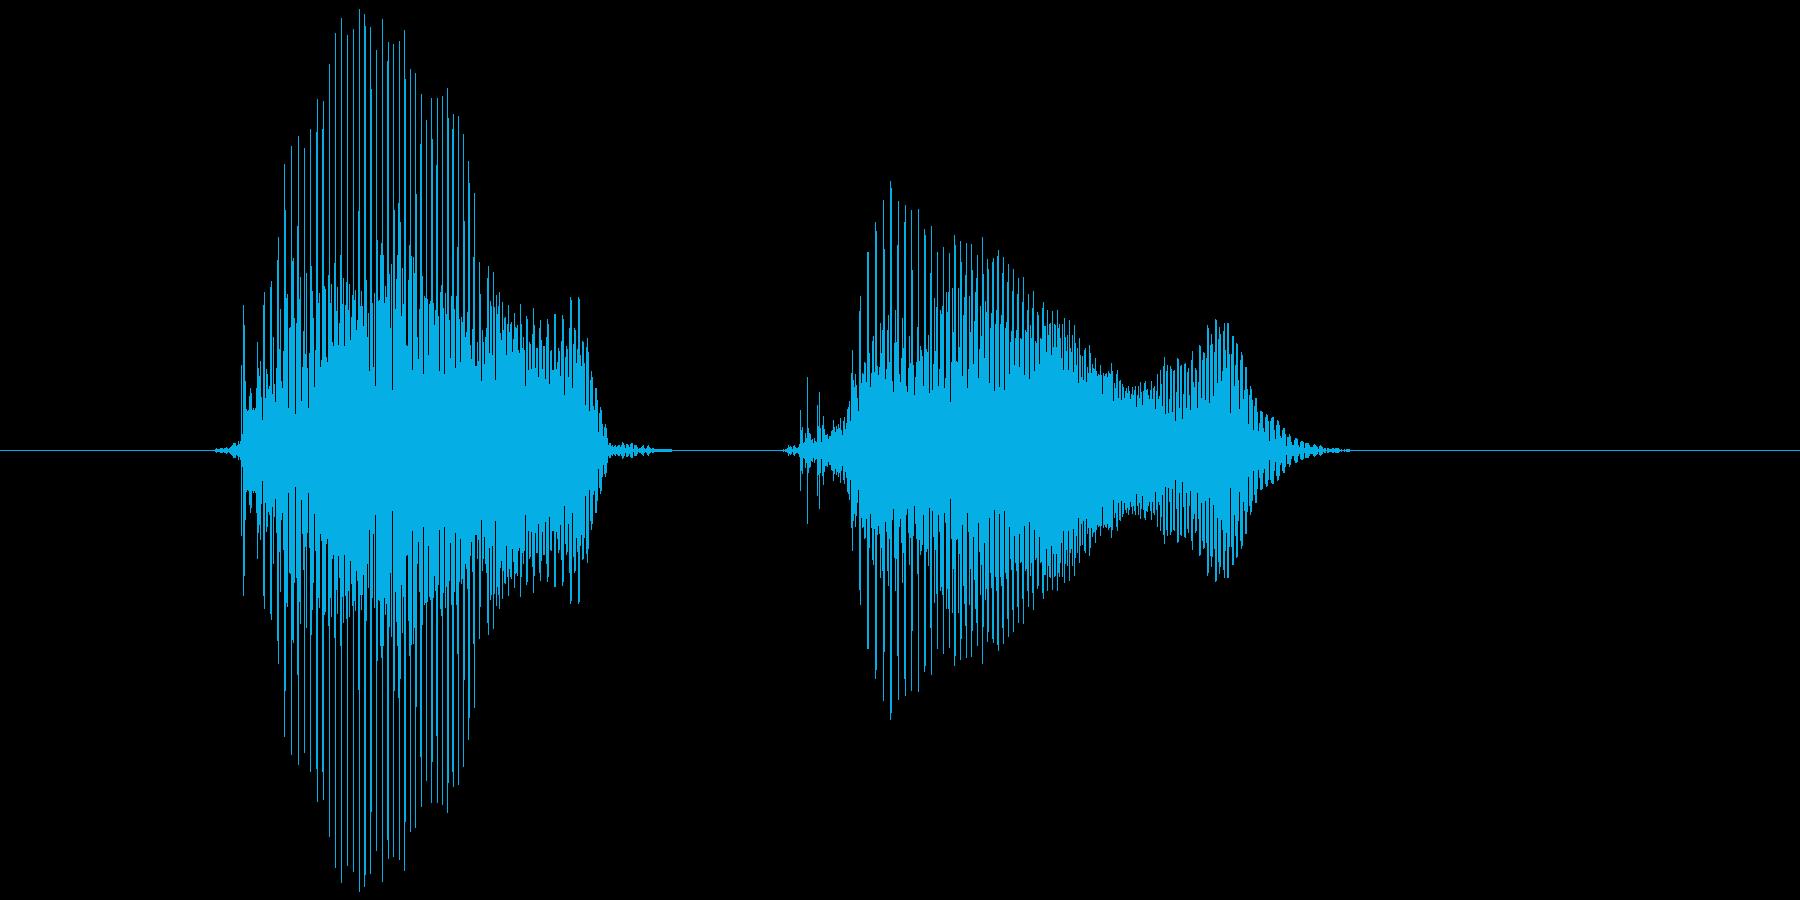 「ぷん!ぷん!」の再生済みの波形